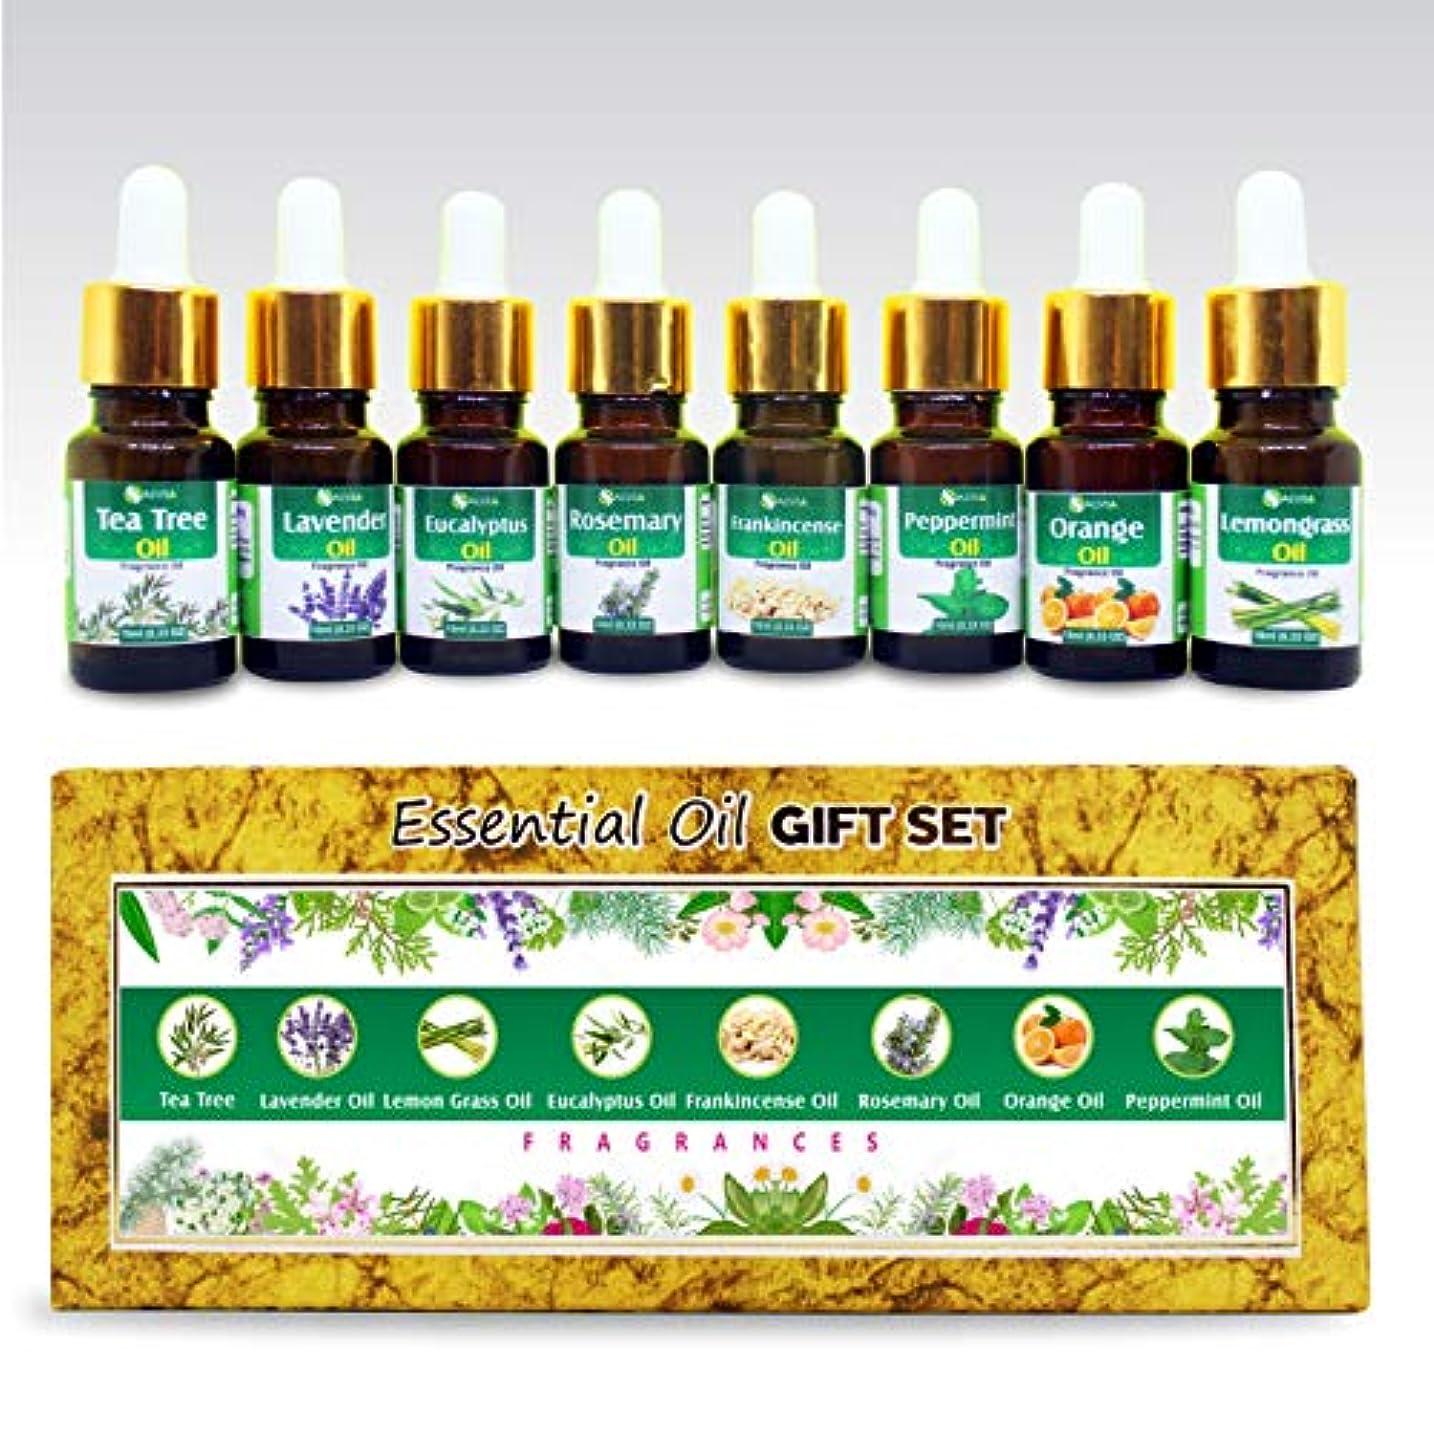 平衡見ましたクラフトAromatherapy Fragrance Oils 100% Natural Therapeutic Essential Oils 10ml each (Tea Tree, Lavender, Eucalyptus,...